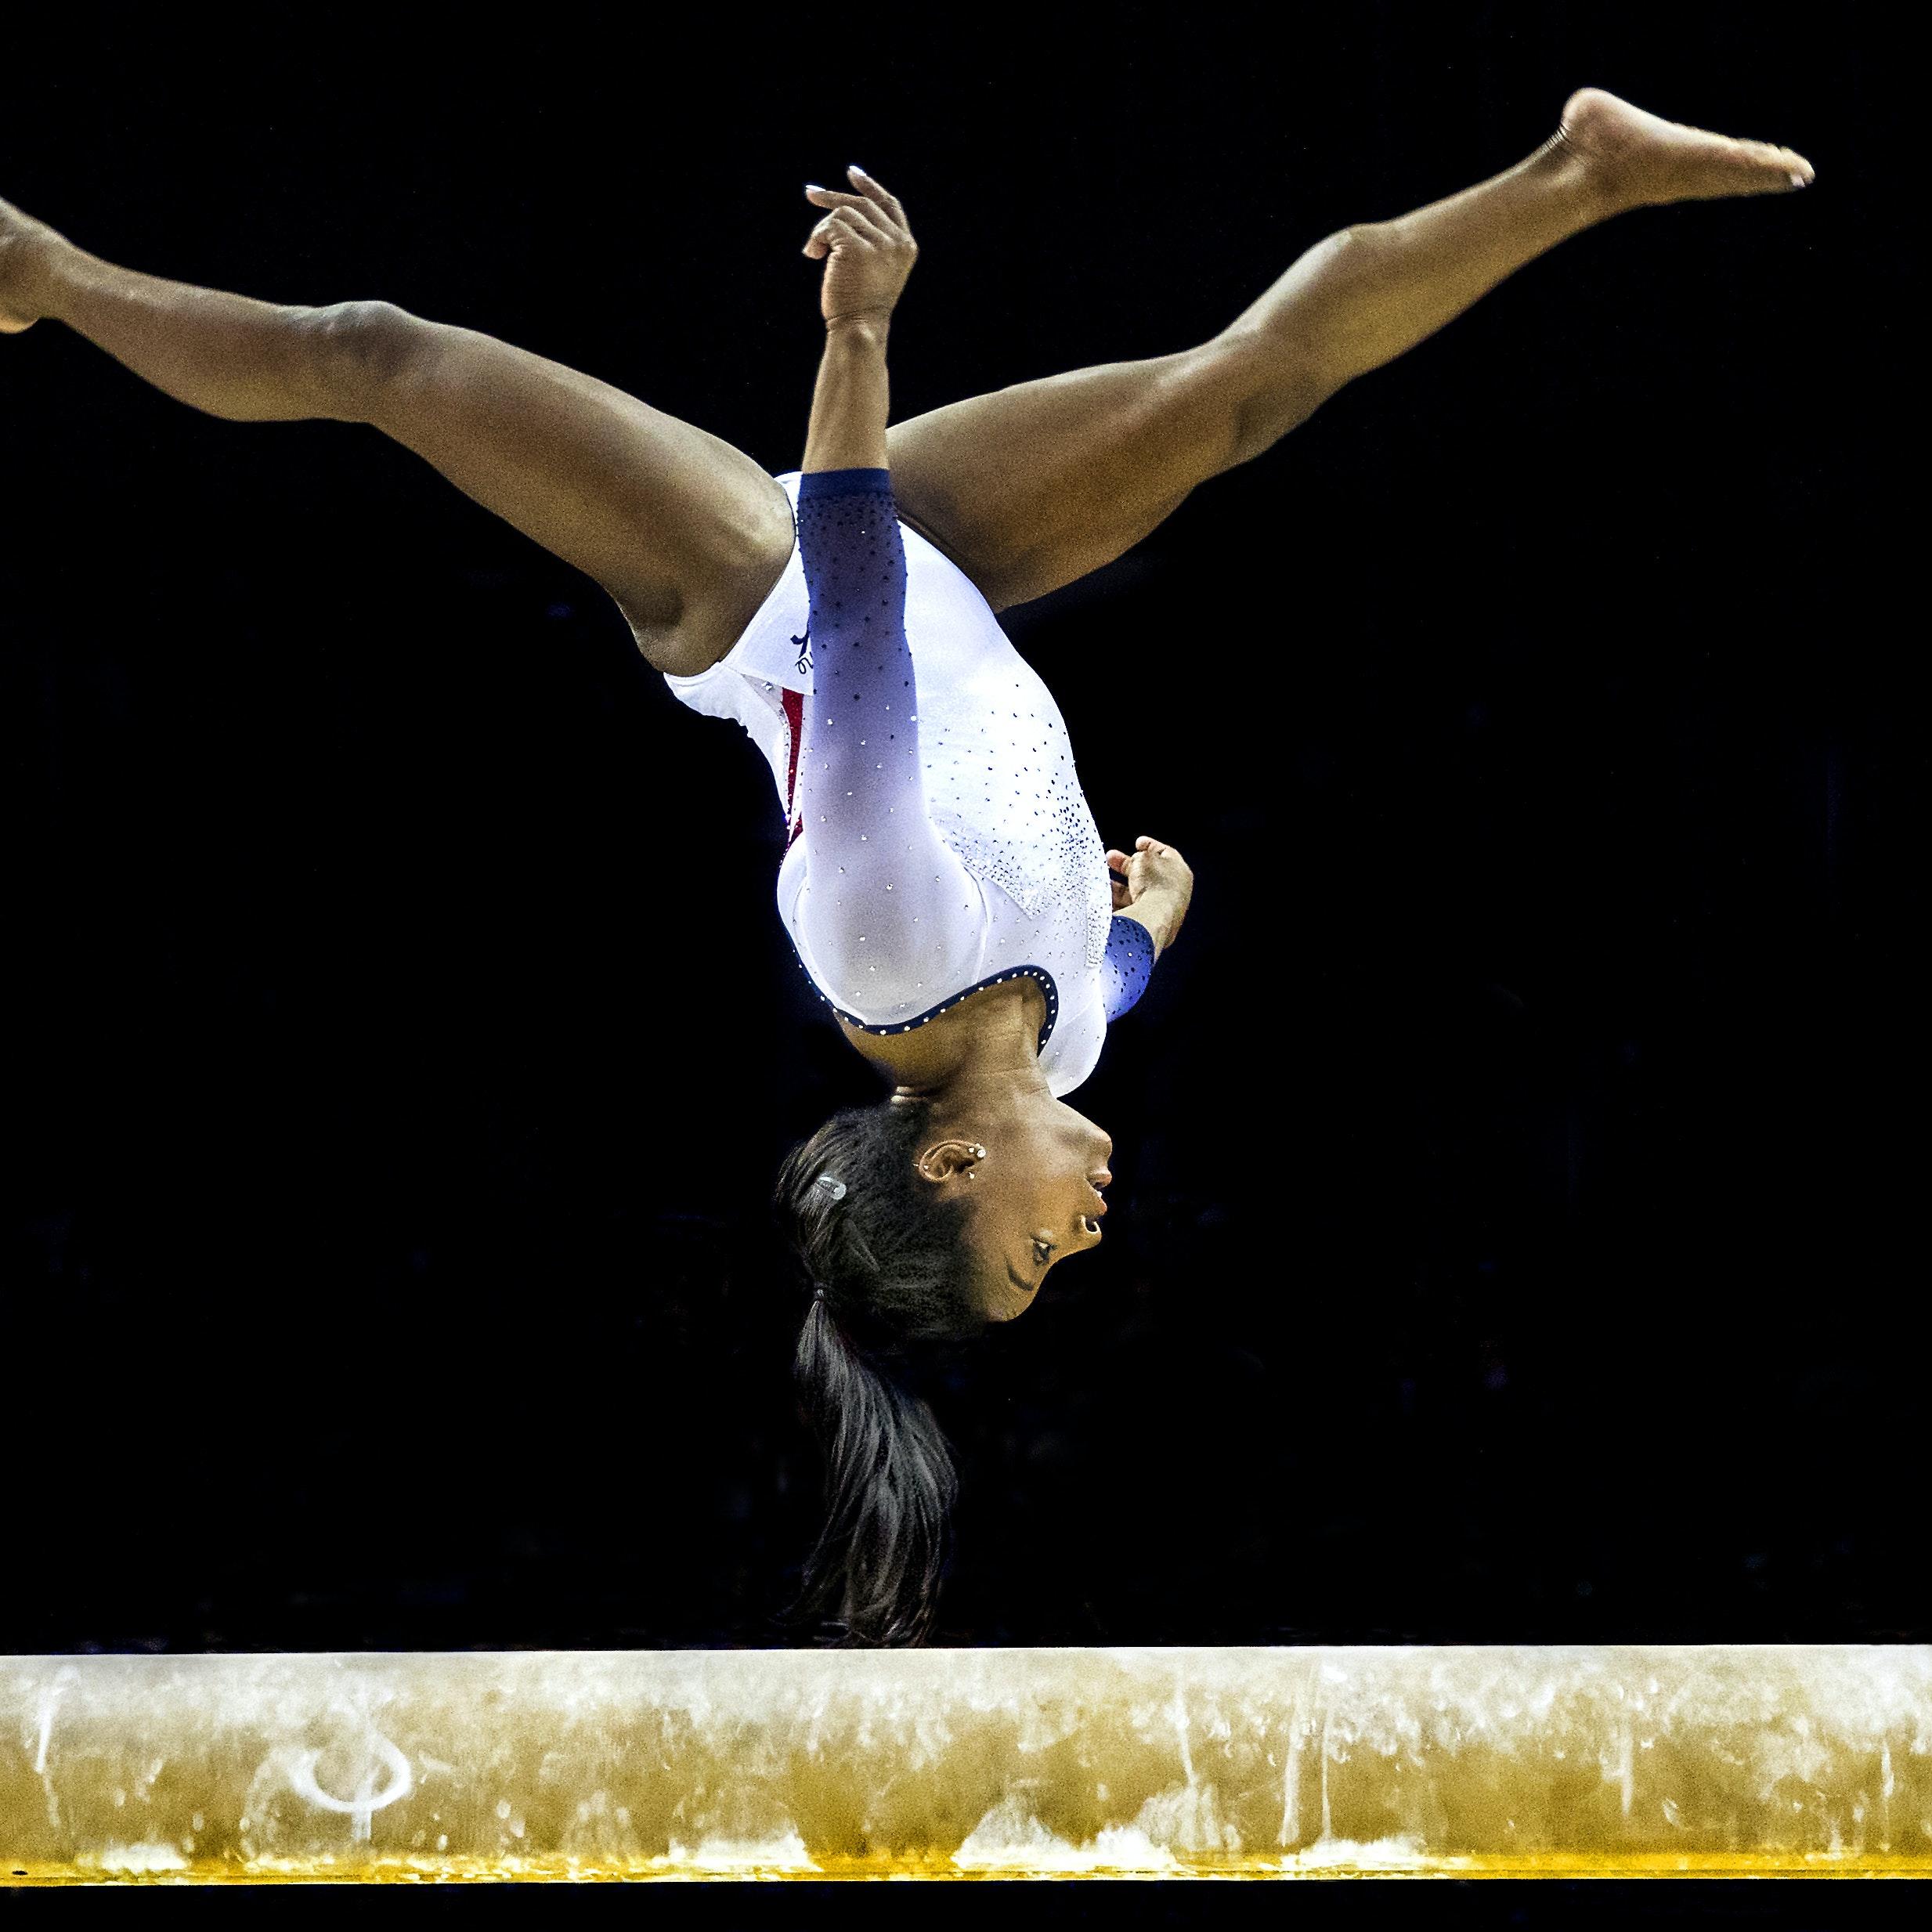 OL er fuld i gang i Tokyo, men atleterne kommer ikke til guldet uden besvære. Vi Unge har snakket med en ekspert i sportssociologi for at finde ud af, hvad præstation under pres gør ved det mentale helbred